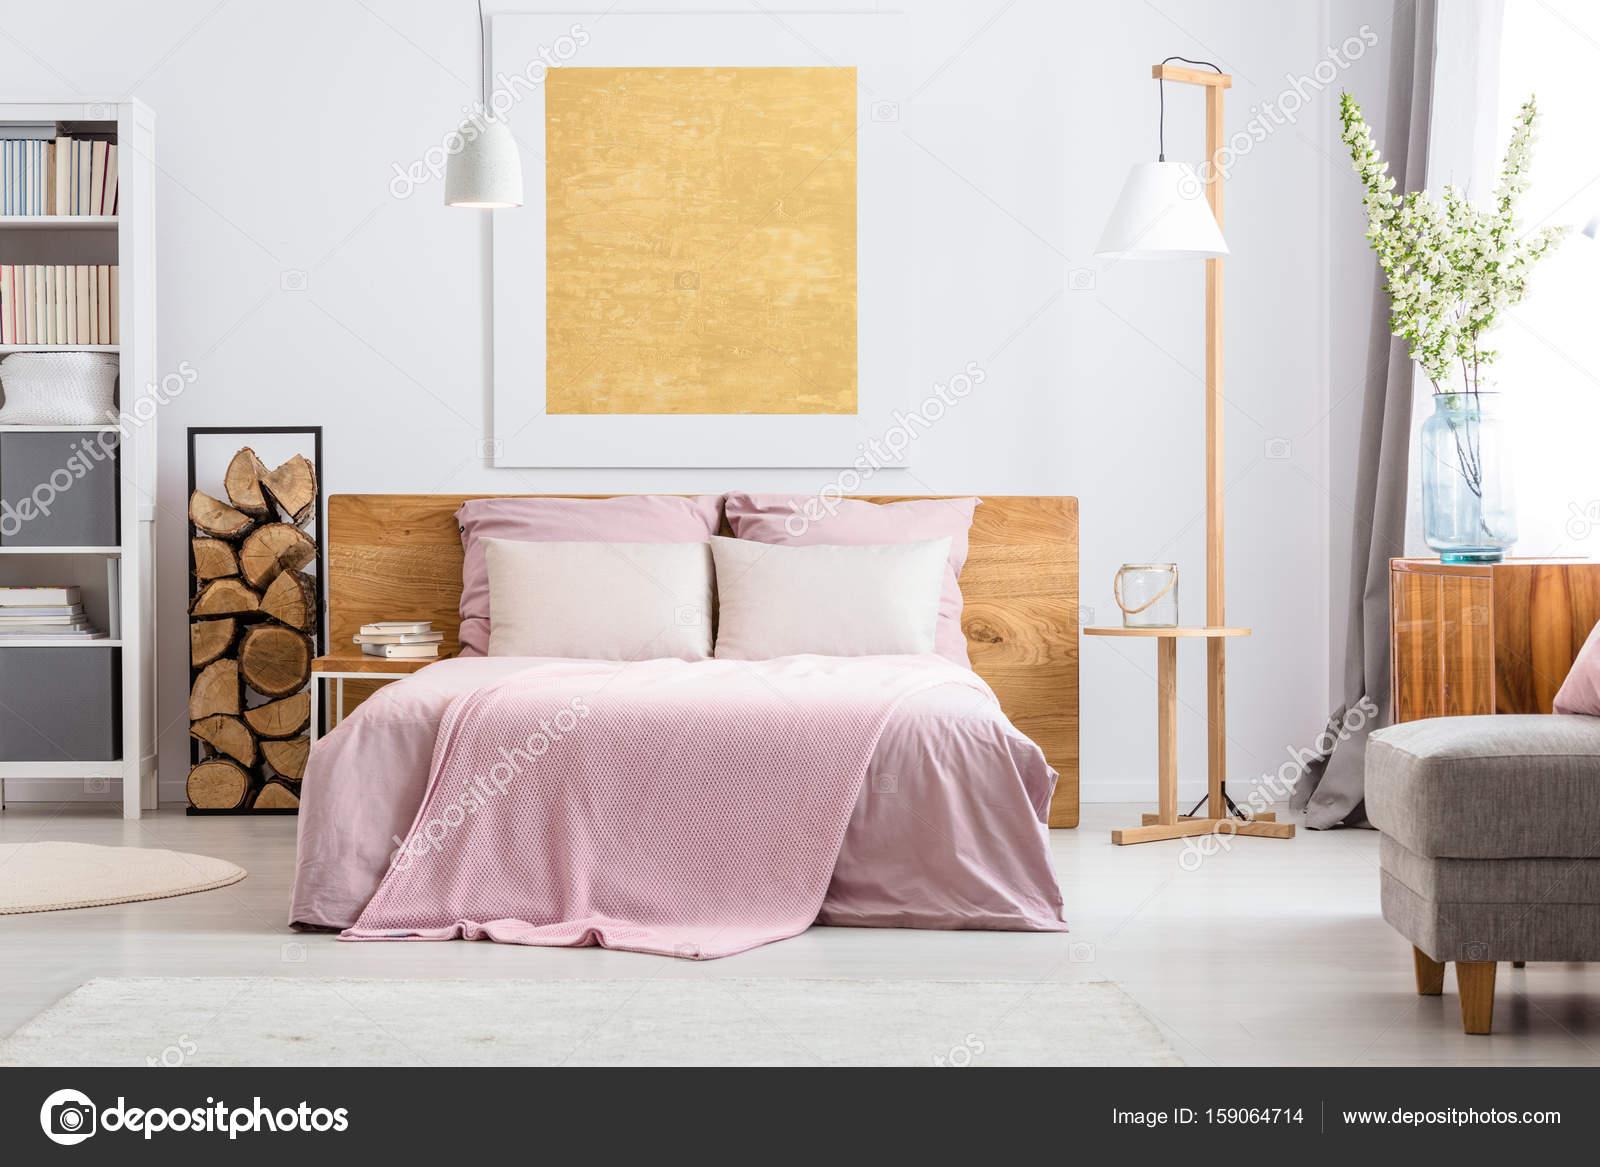 Camera Da Letto Legno Naturale : Letto camera da letto idee per larredamento foto tempo libero